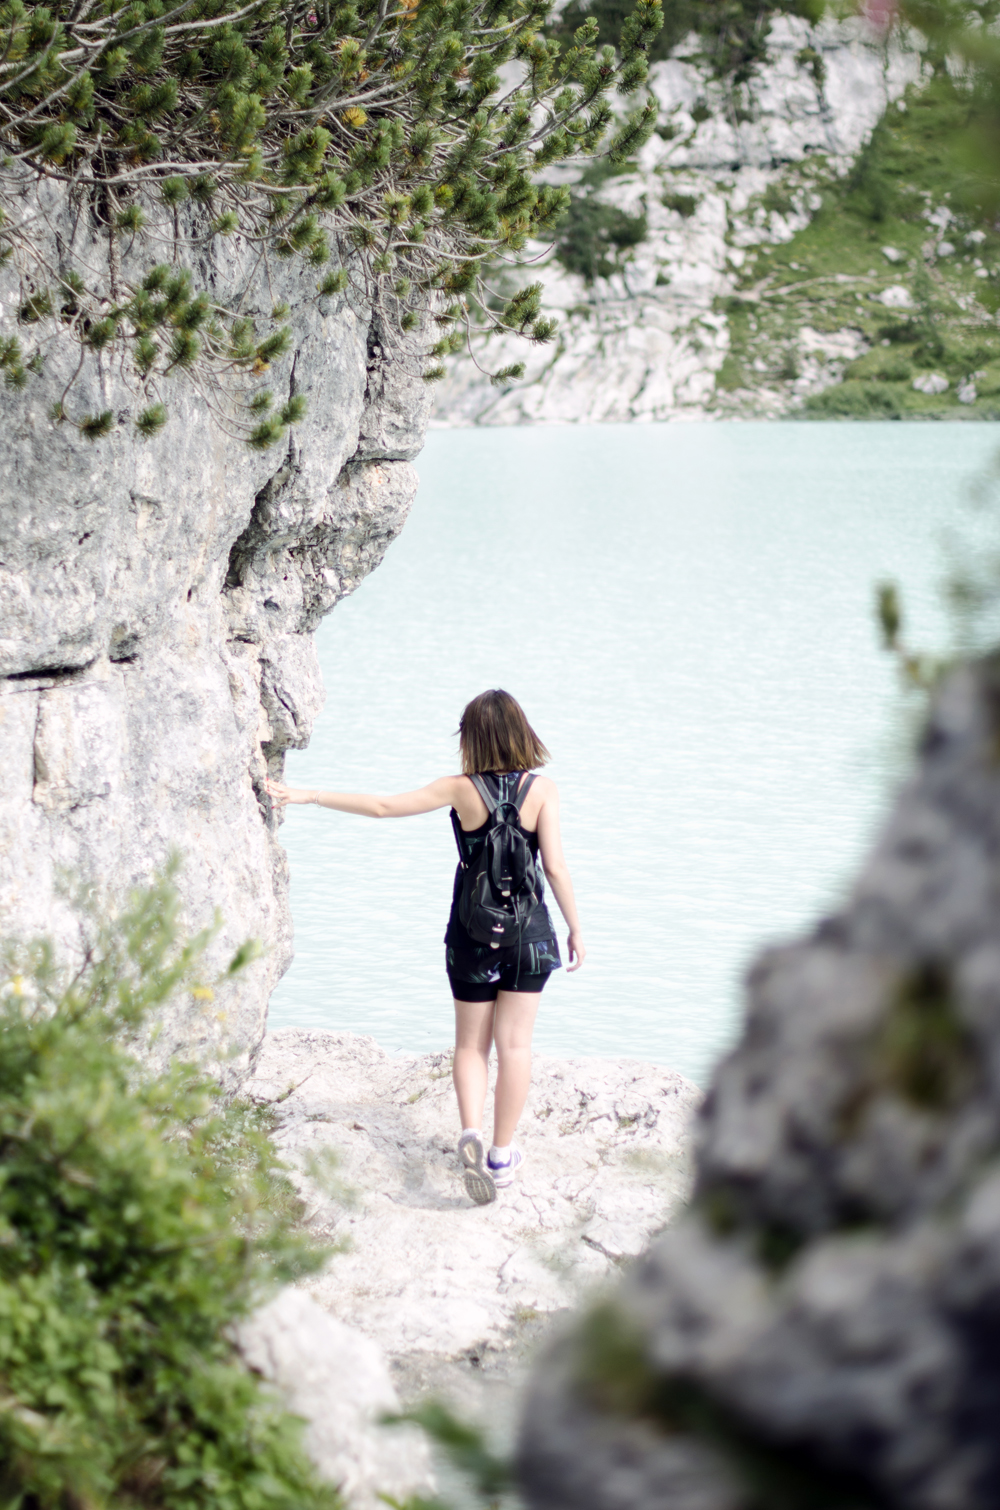 luoghi da visitare dolomiti | lago di sorapis